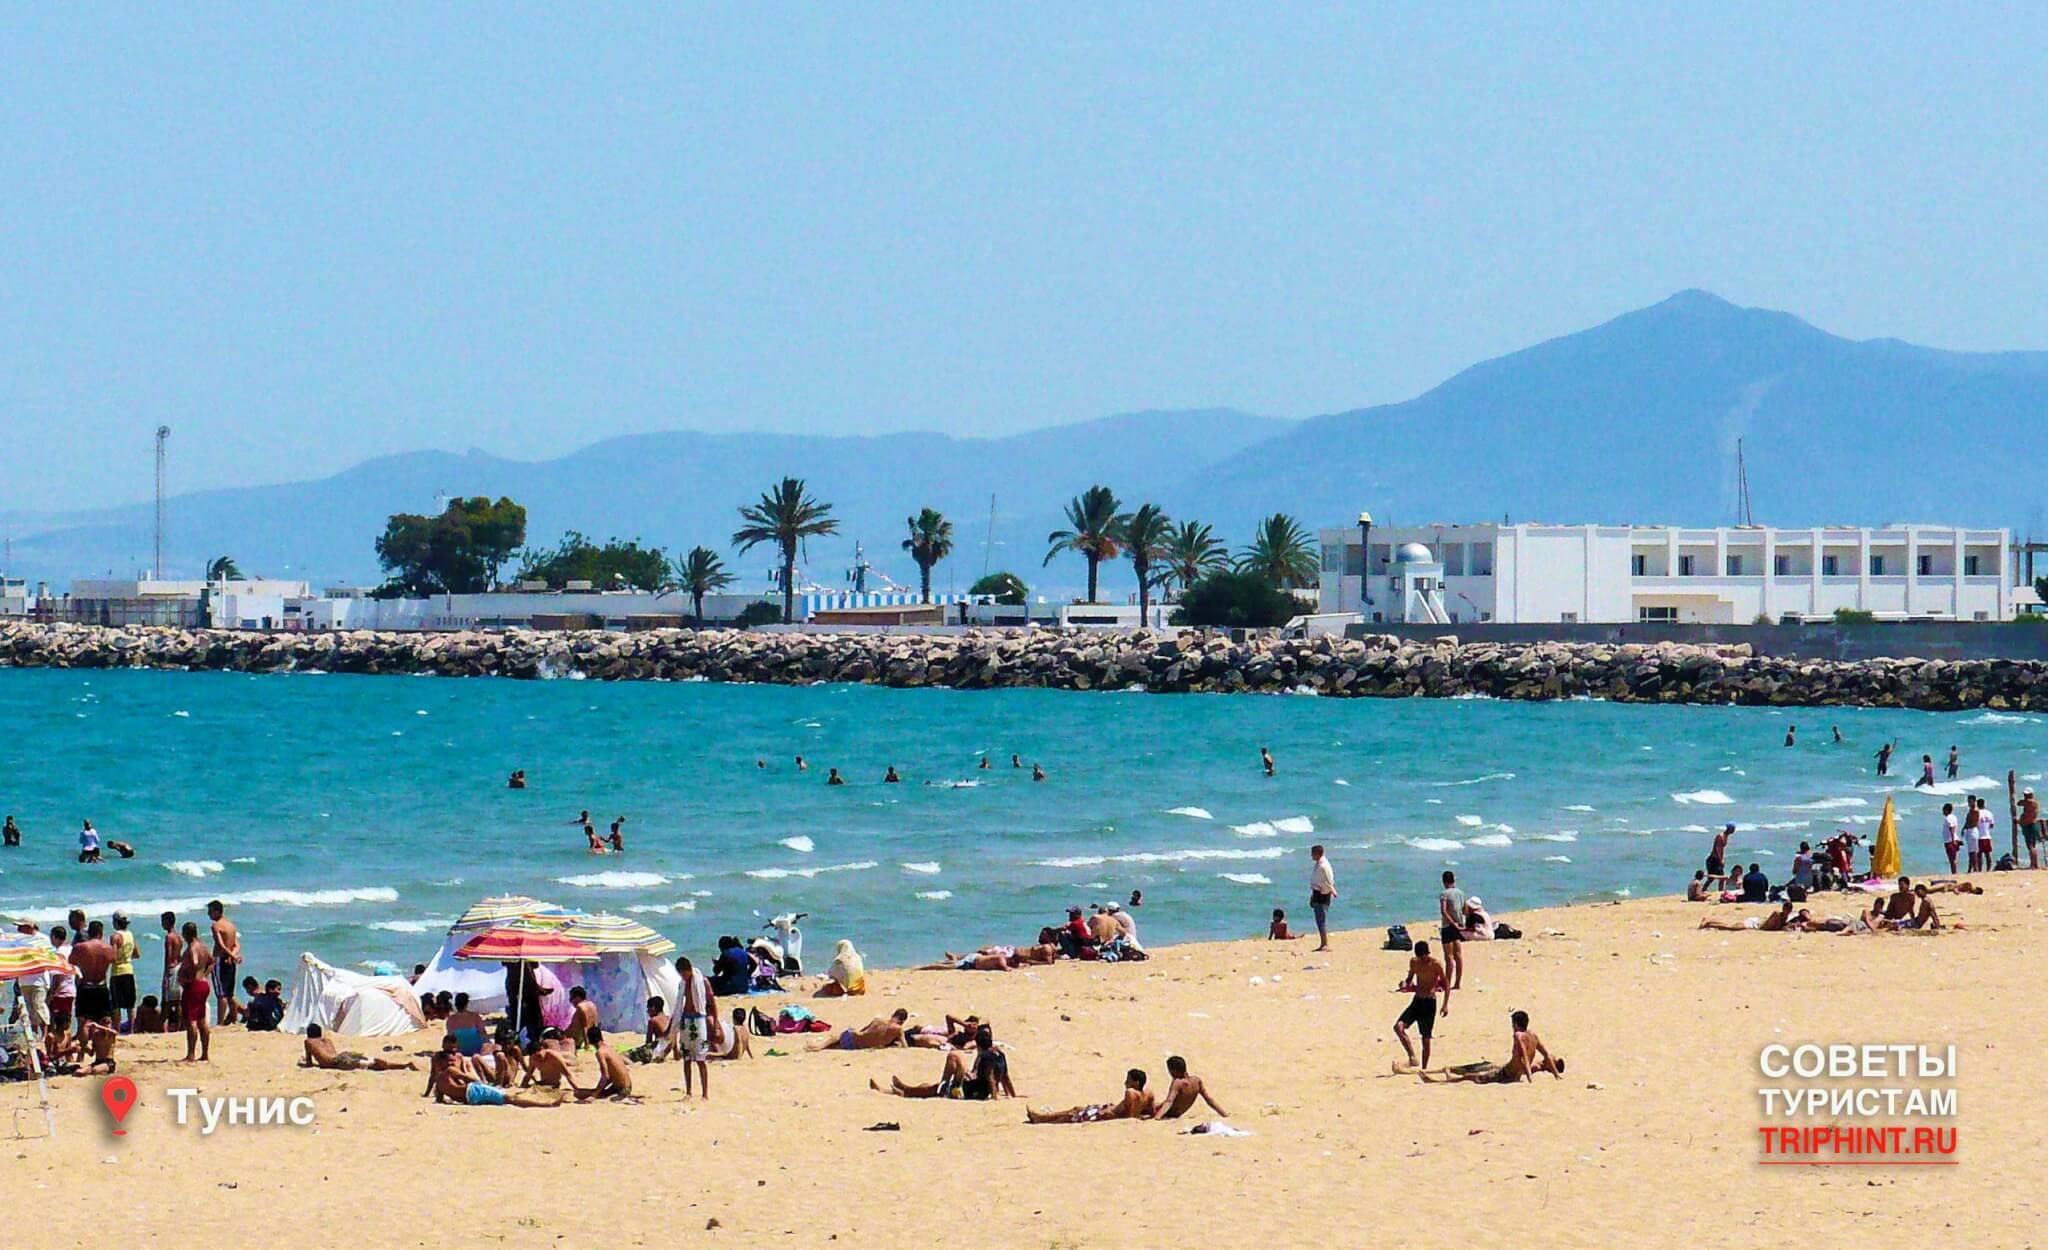 Отдых на море в Тунисе в октябре. Фото пляжа